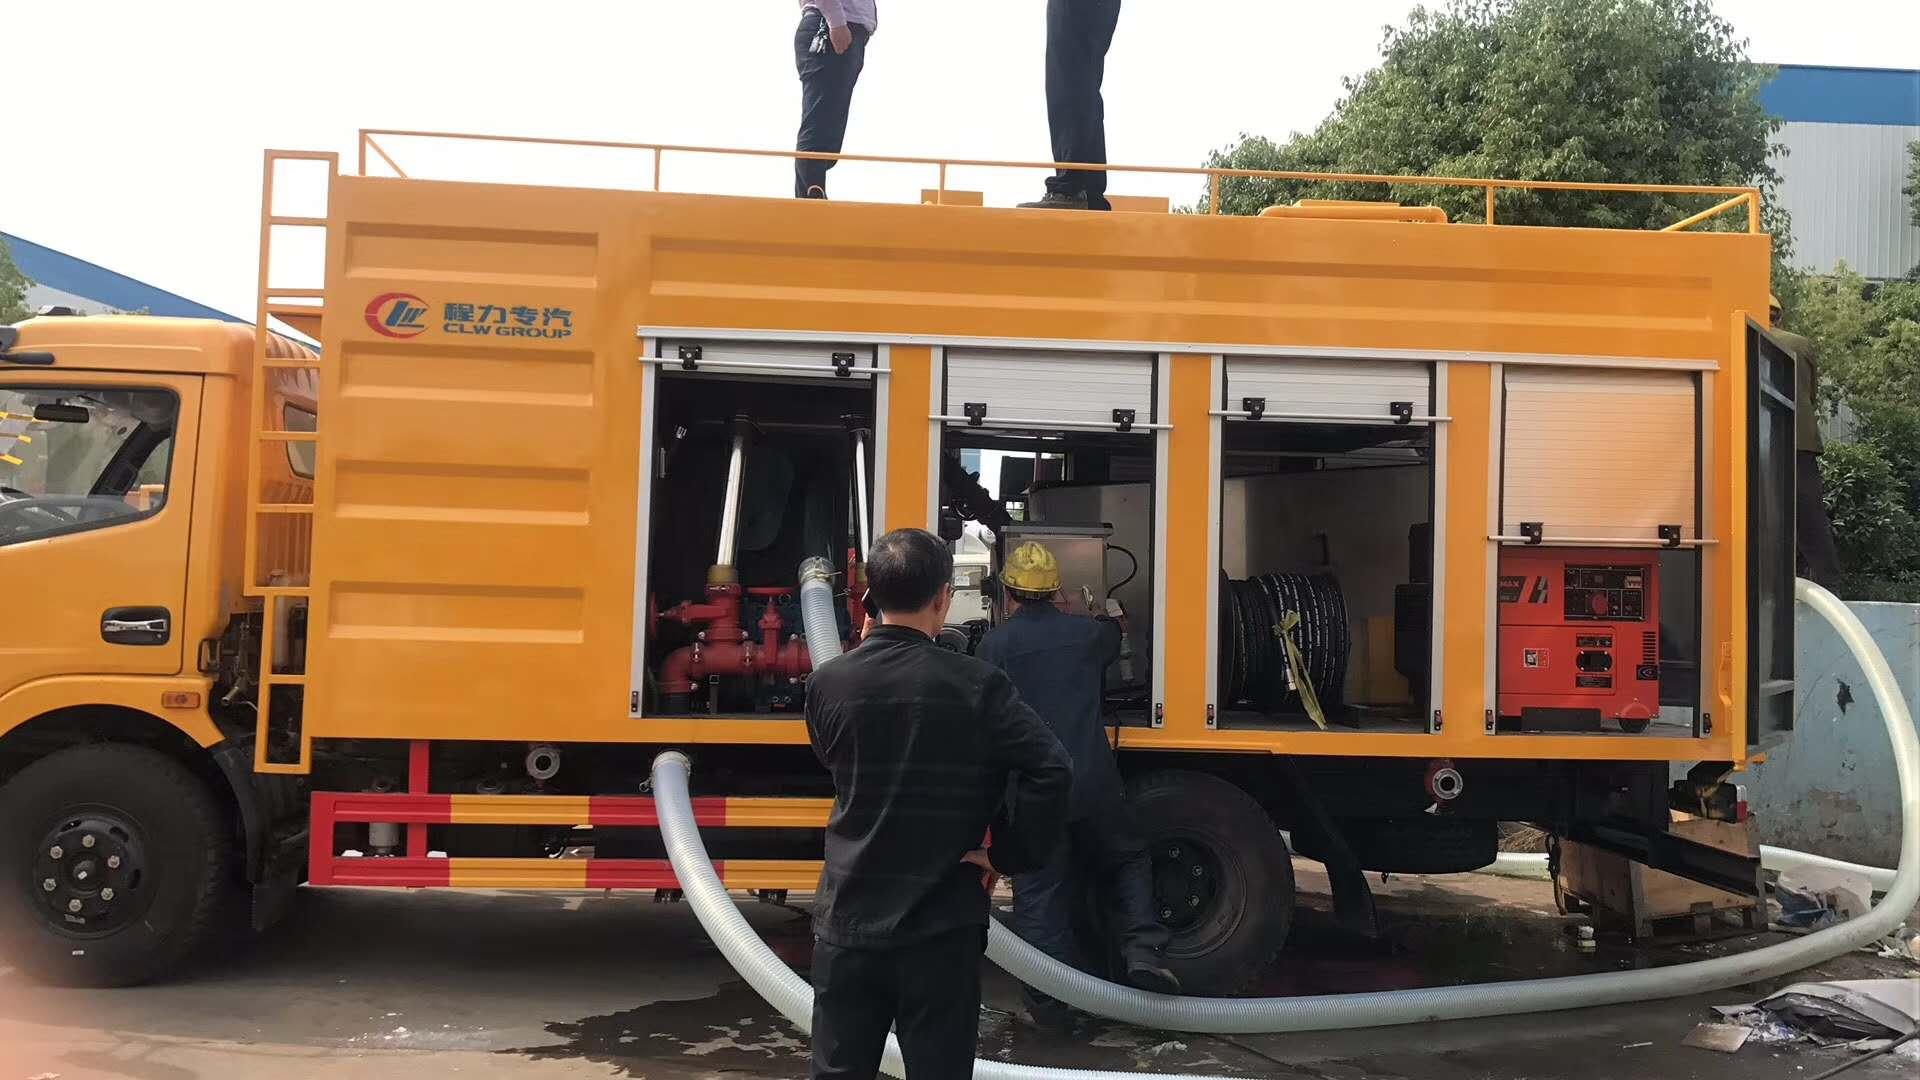 污水处理清淤车抽泥浆污水车厂家地址